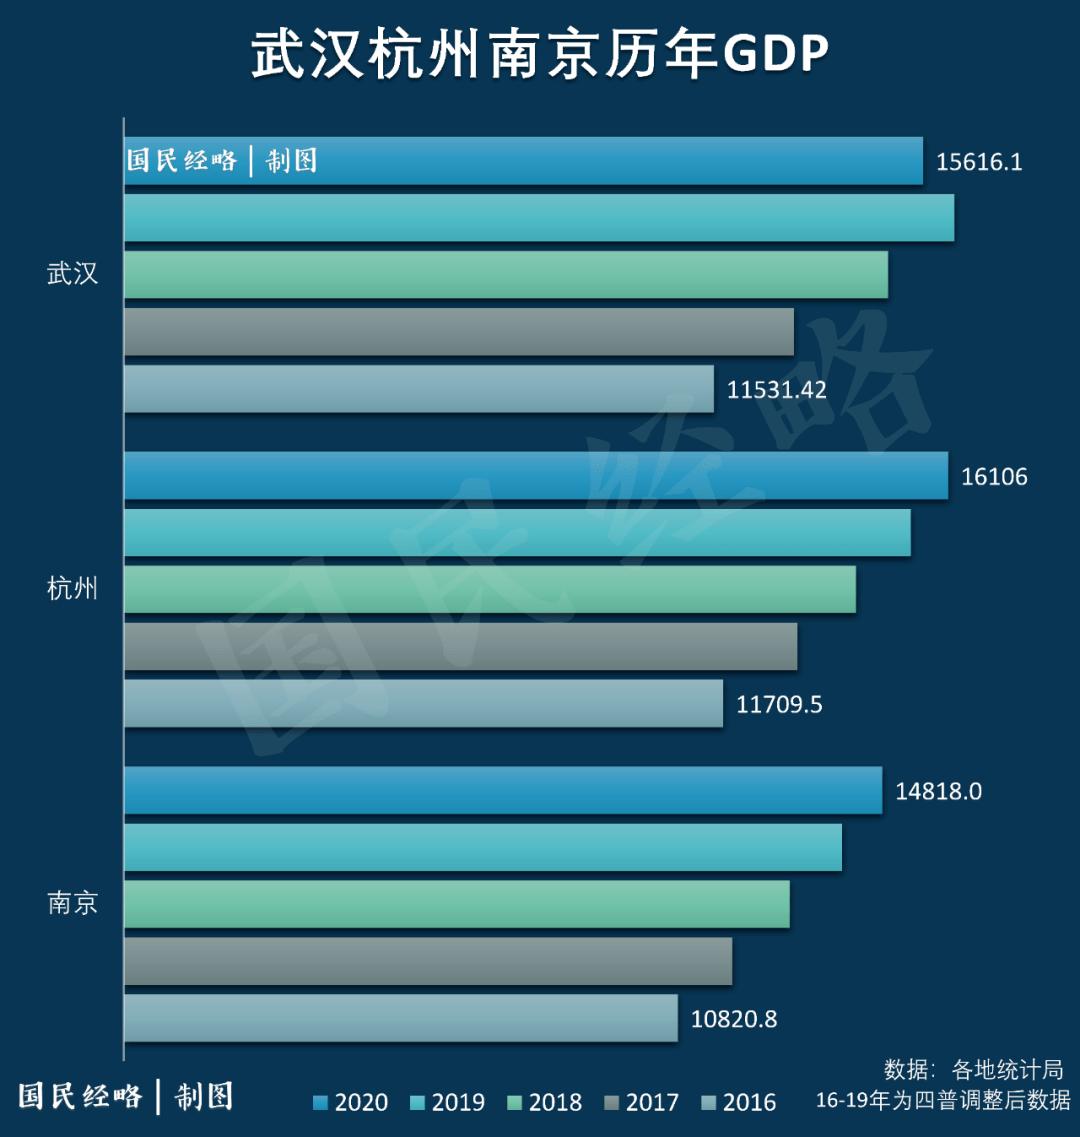 2021广东城市gdp排名出炉_2019年广东各市的GDP排名出炉,看看你家乡排第几